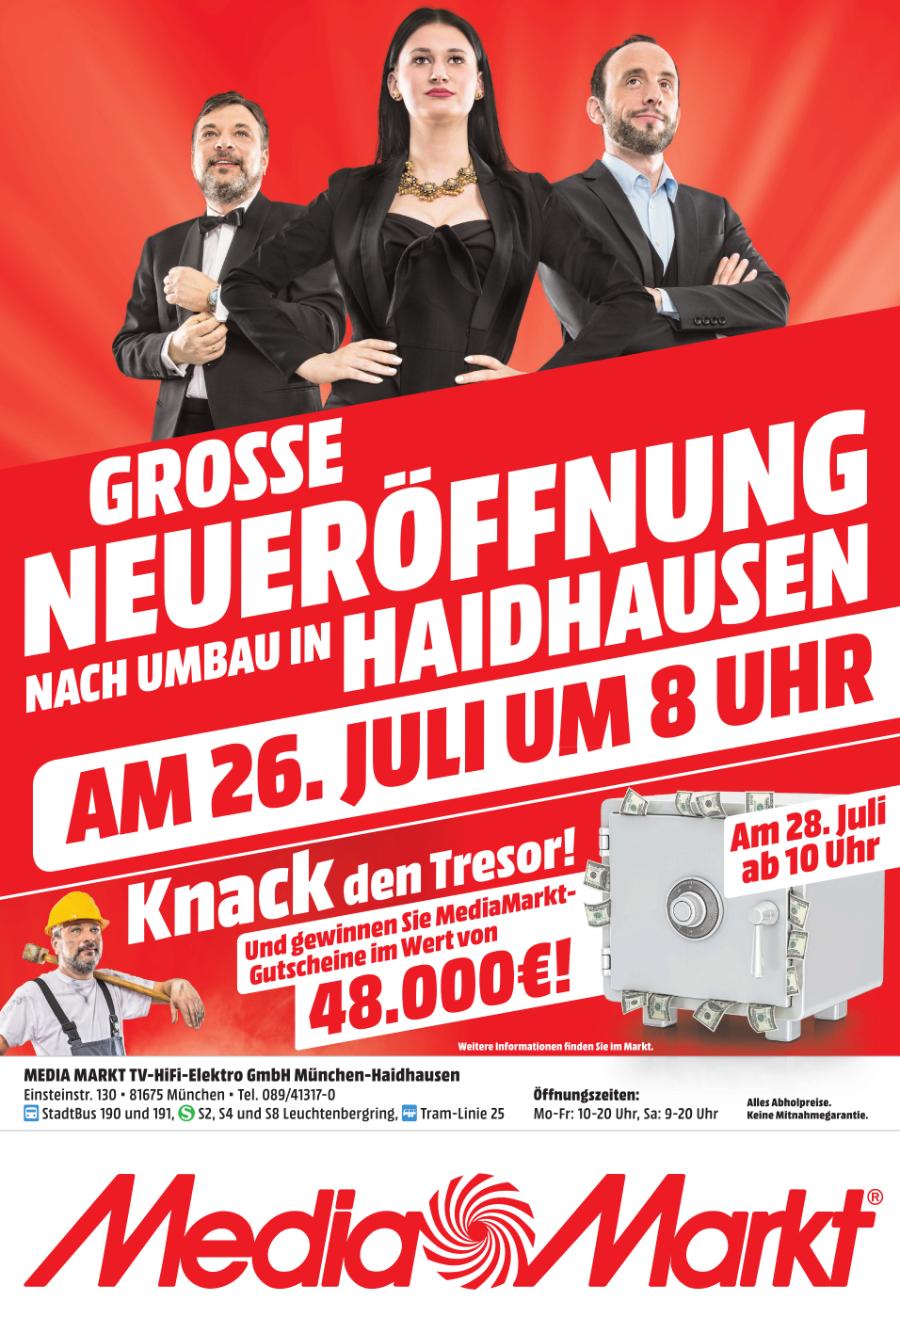 (Lokal) Media Markt München-Haidhausen Neueröffnung nach Umbau am 26.07.2018